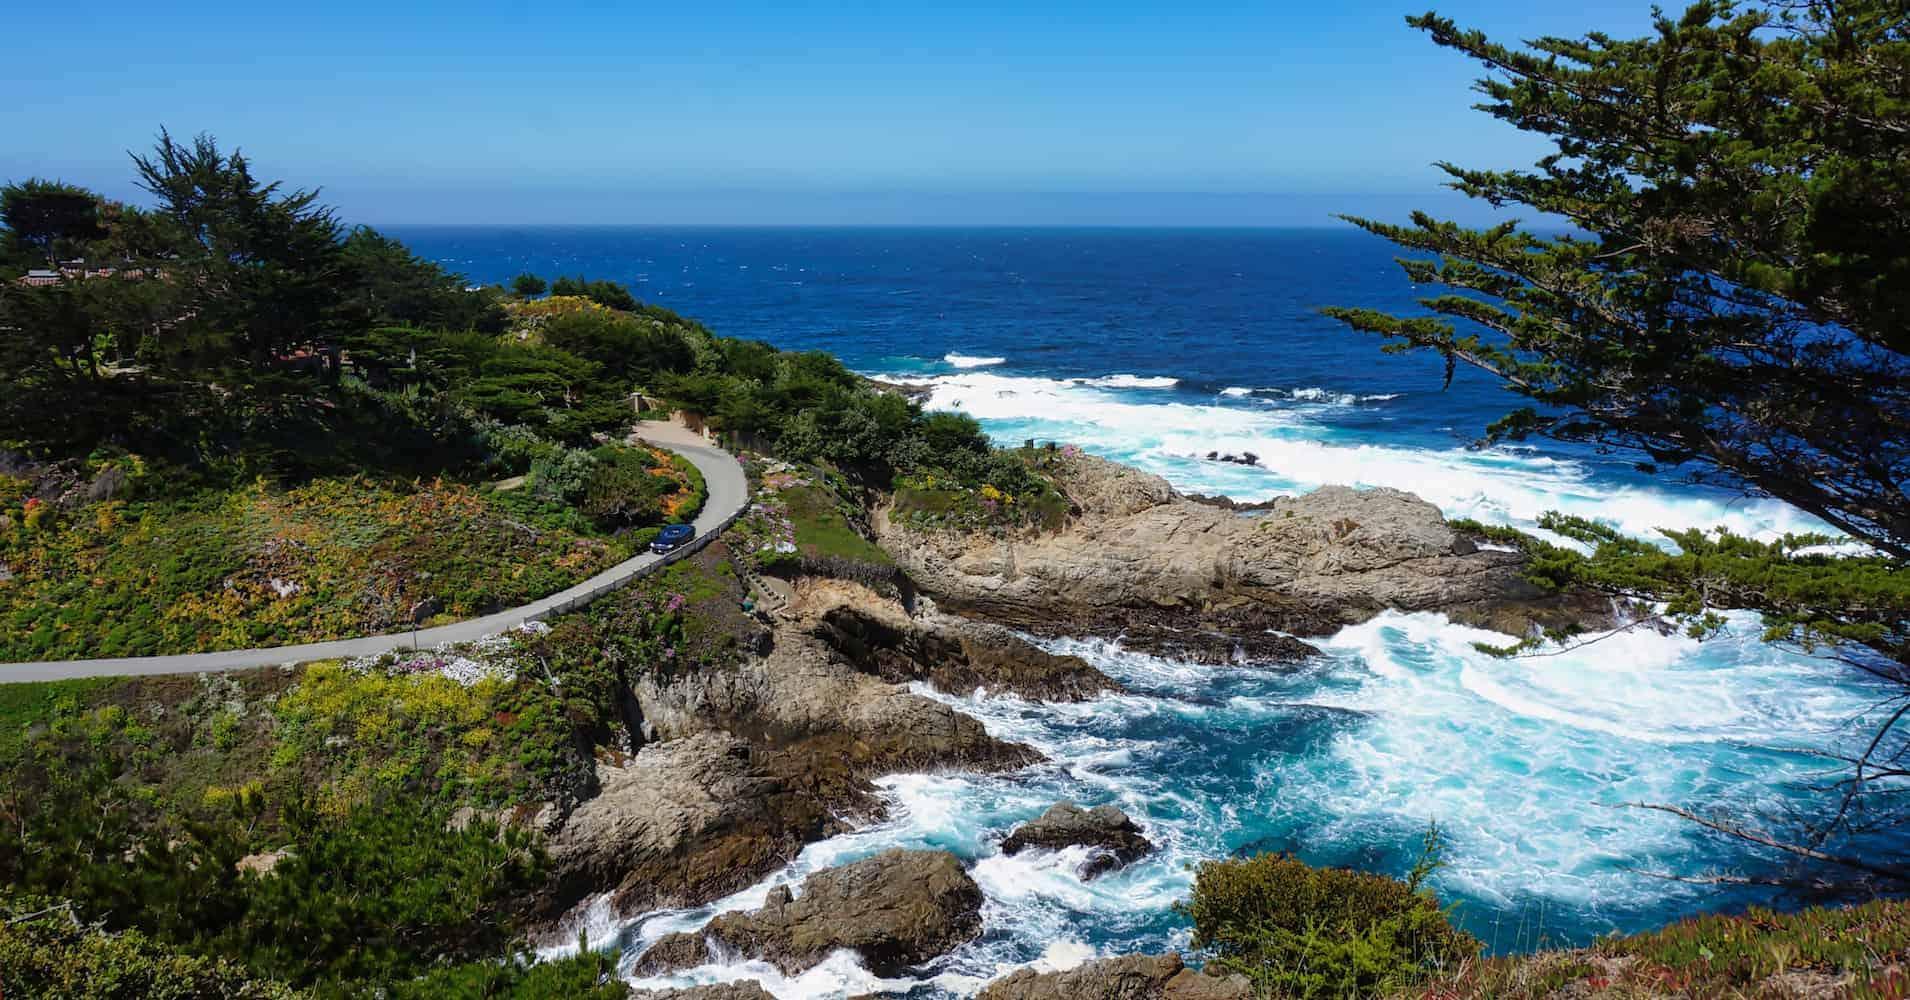 3 Days in Carmel - Coastline